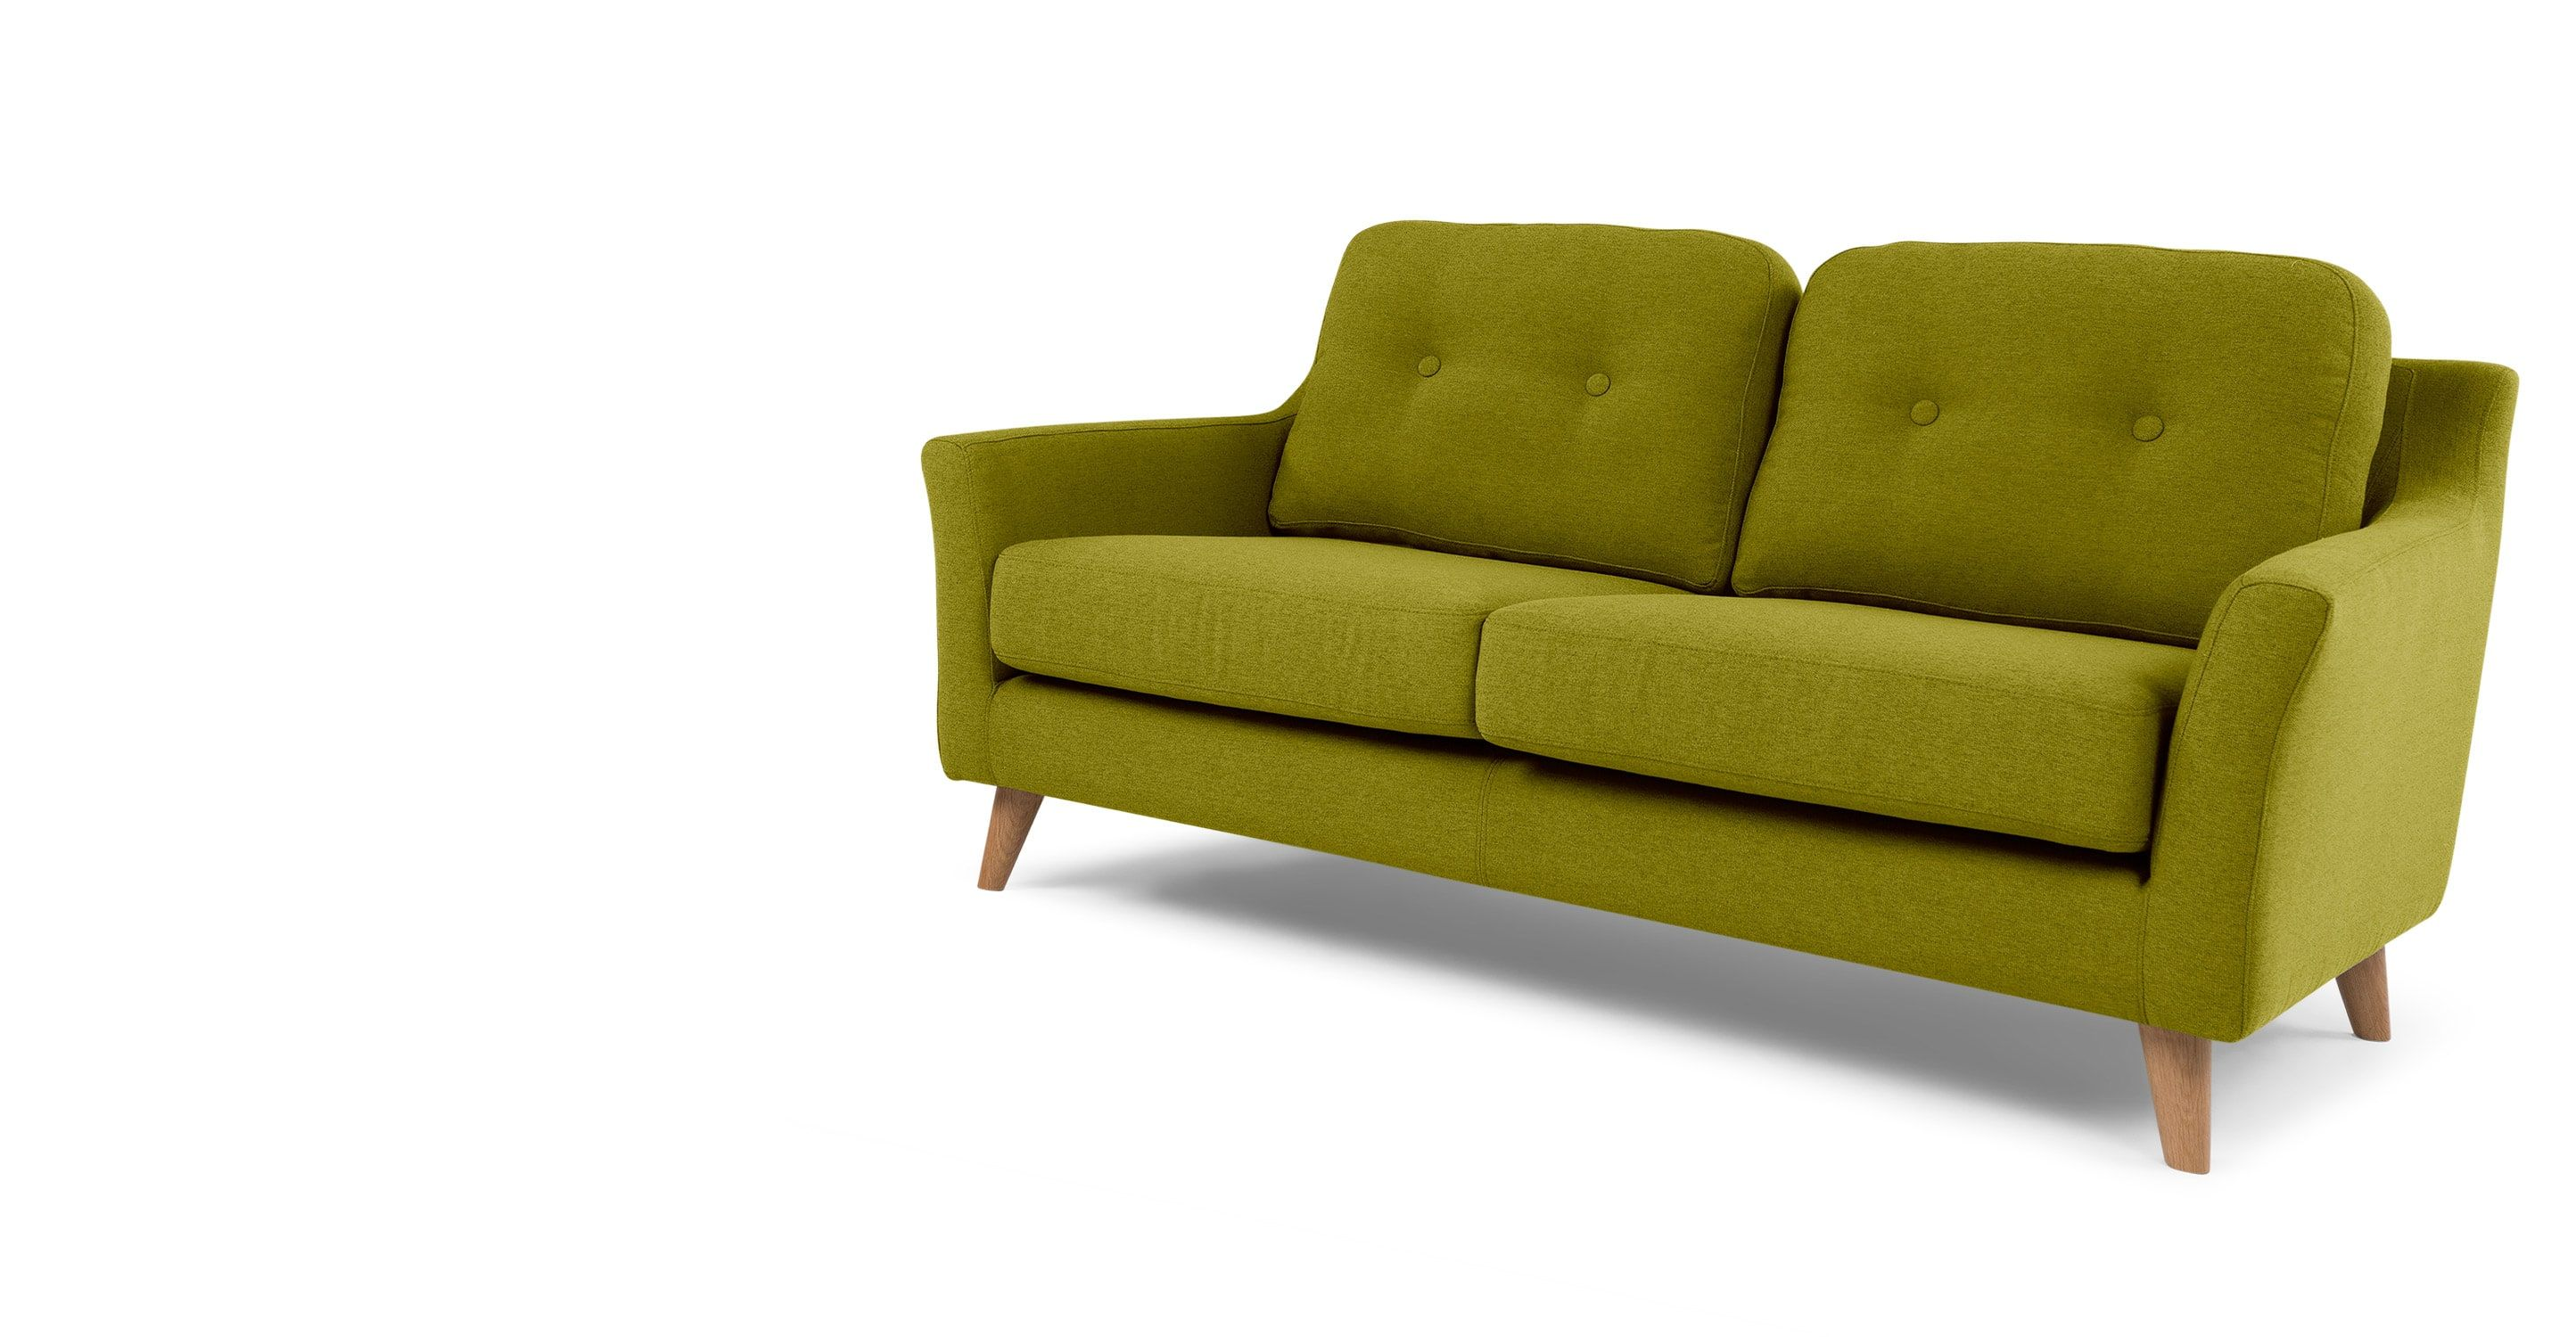 Made Leaf Green Sofa 2 Seater Sofa Sofa Love Seat